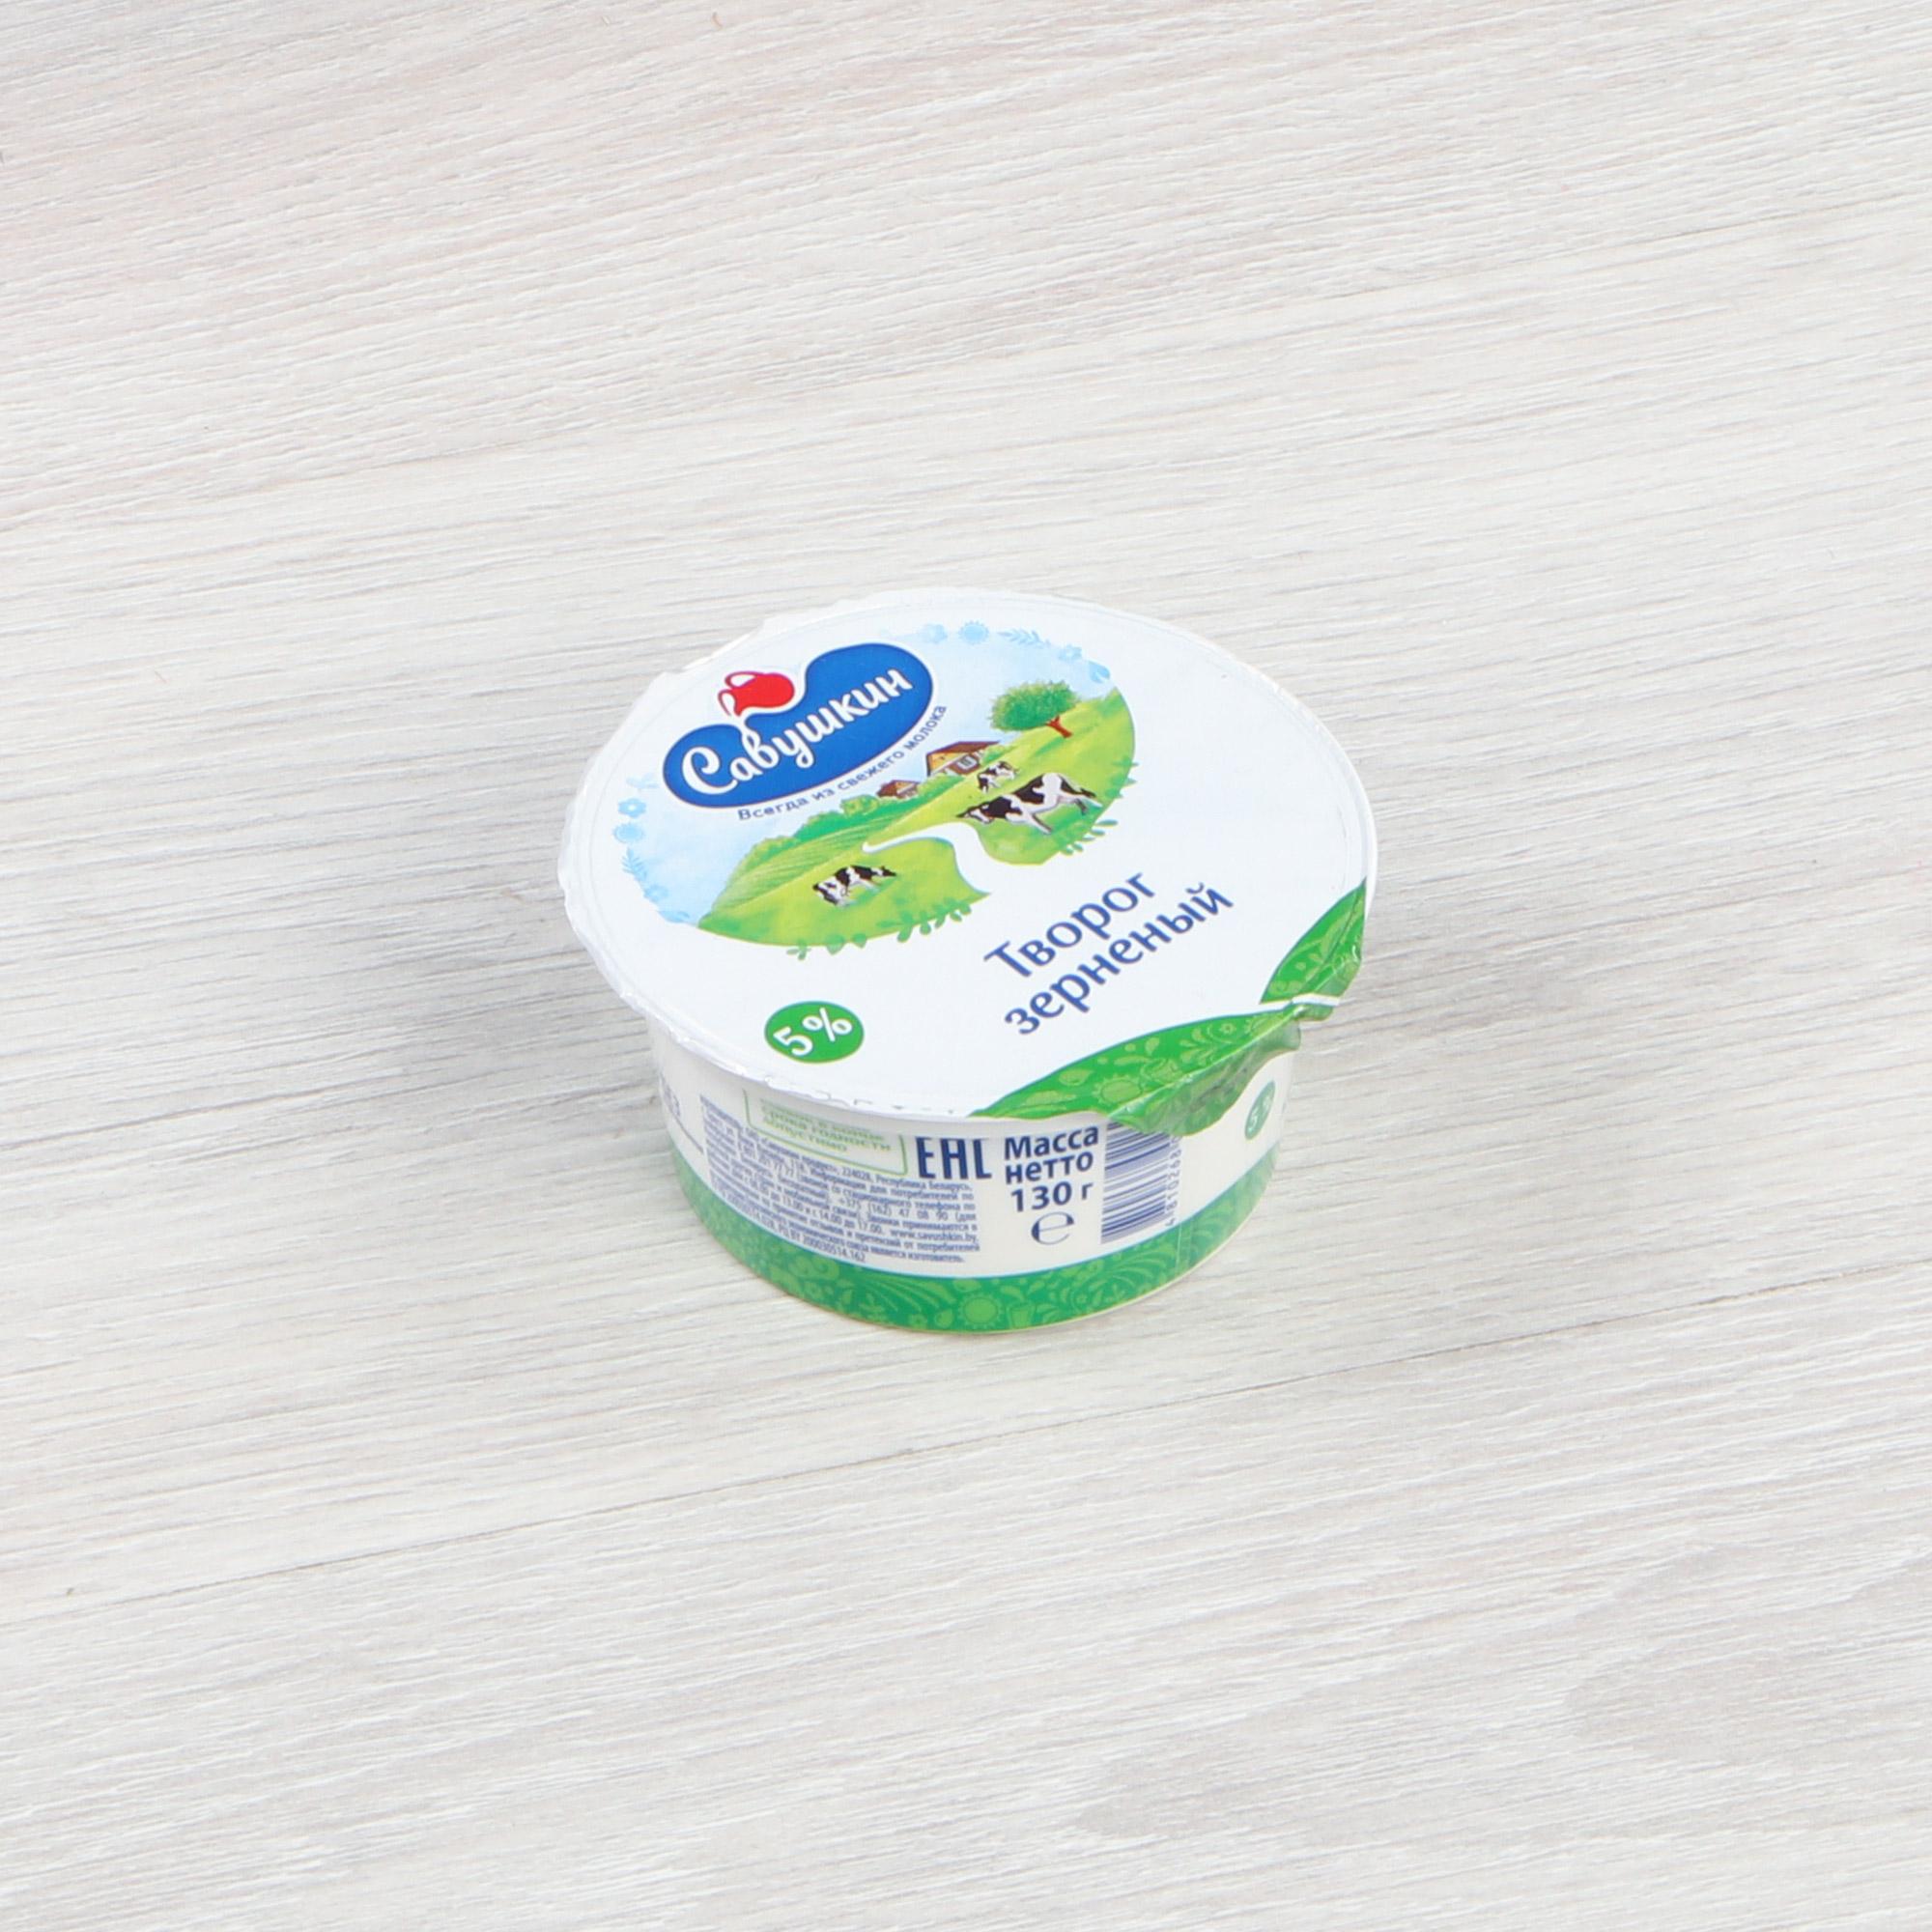 творог савушкин продукт рассыпчатый 5% 700 г Творог Савушкин продукт 101 зерно + сливки 5% 130 г